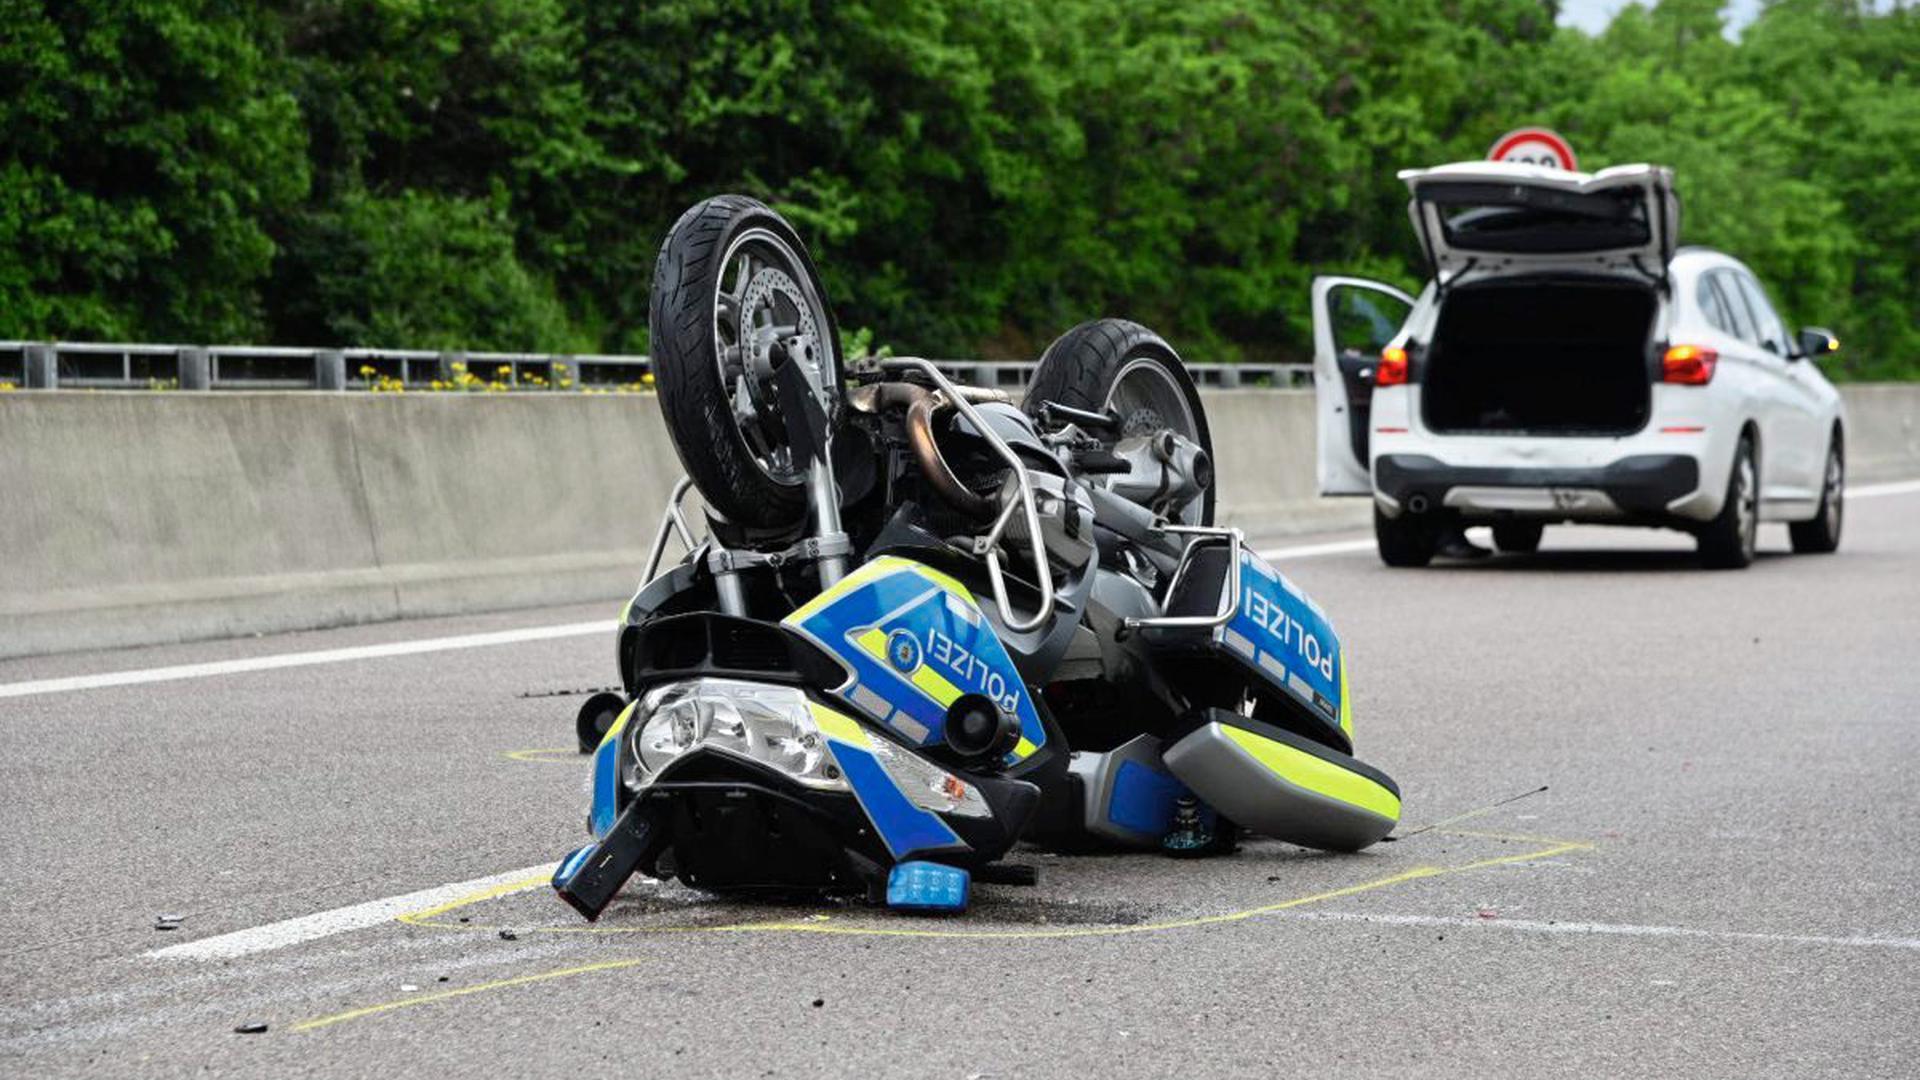 Auf der Höhe der Unfallstelle wurde zum Unfallzeitpunkt eine Abstandskontrolle auf der Gegenfahrbahn durchgeführt.